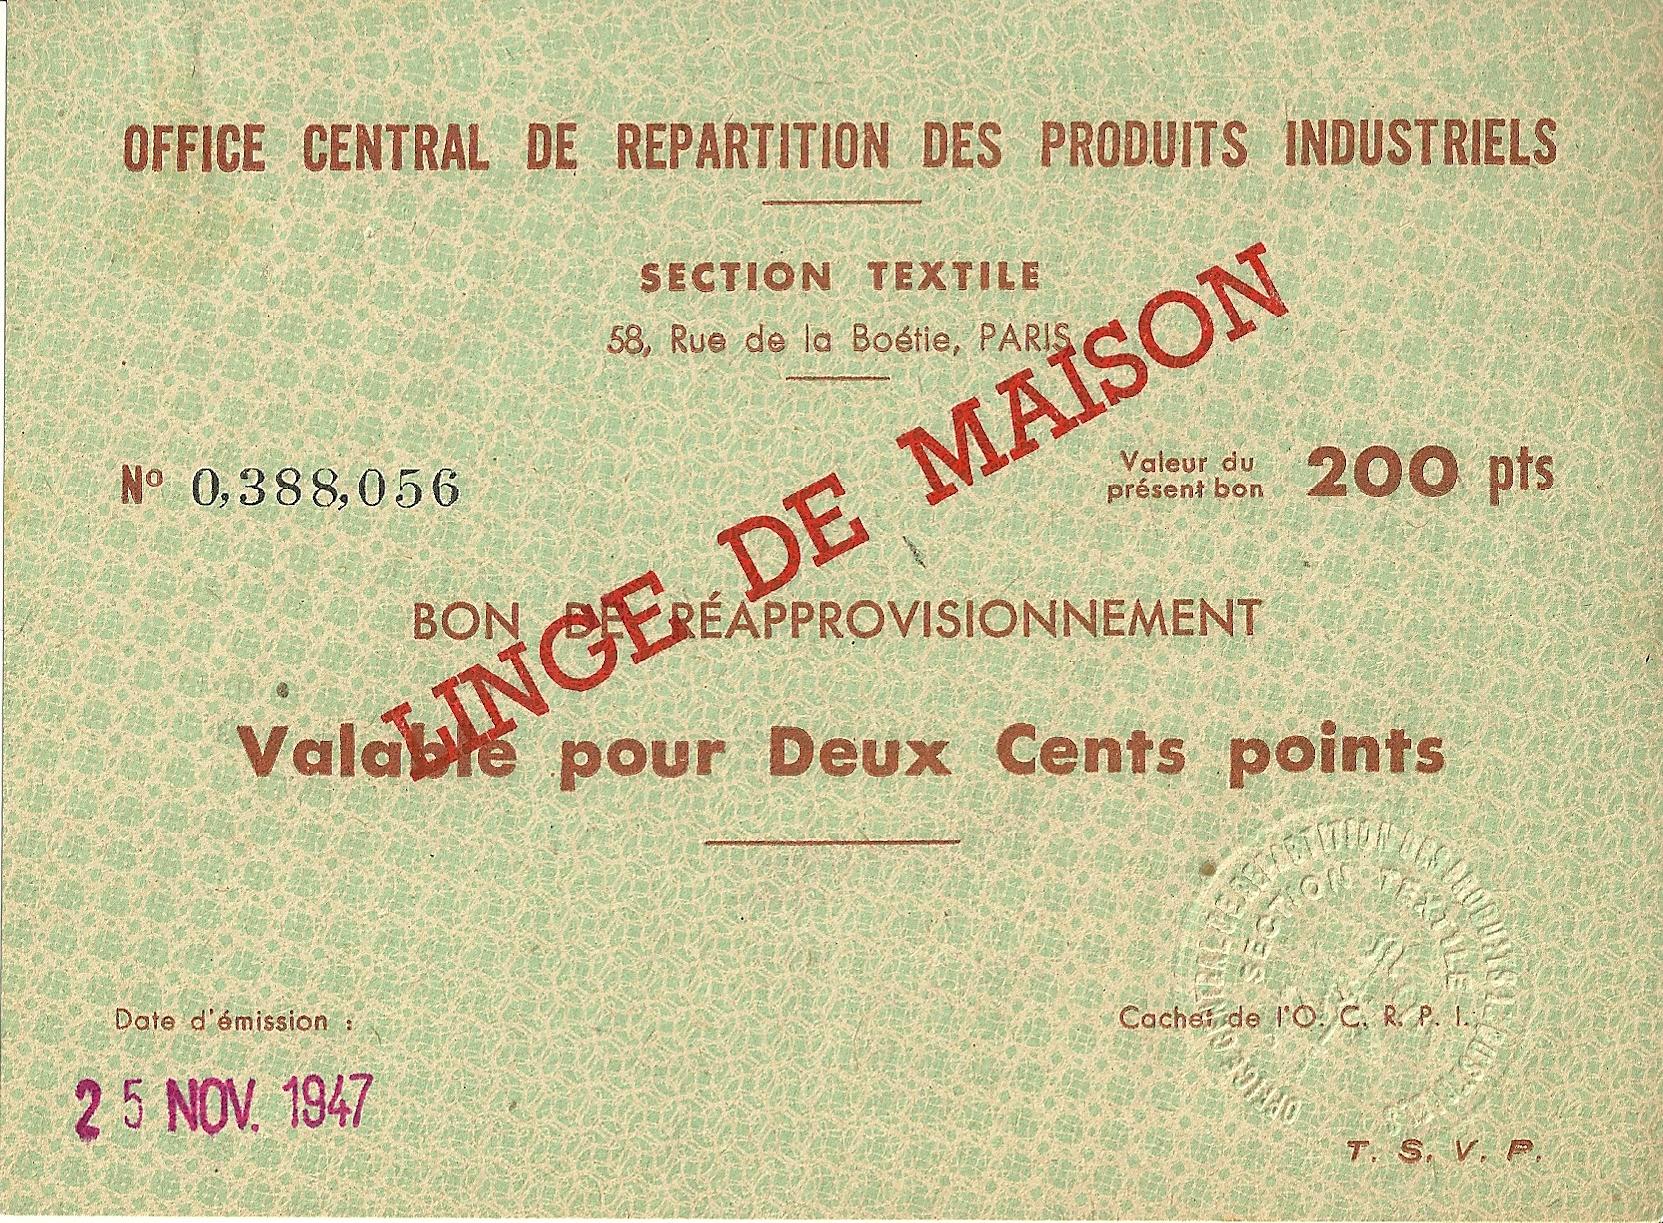 SECTION TEXTILE - BON DE REAPPROVISIONNEMENT - Valable pour Cinq Cents points - 0,388,056